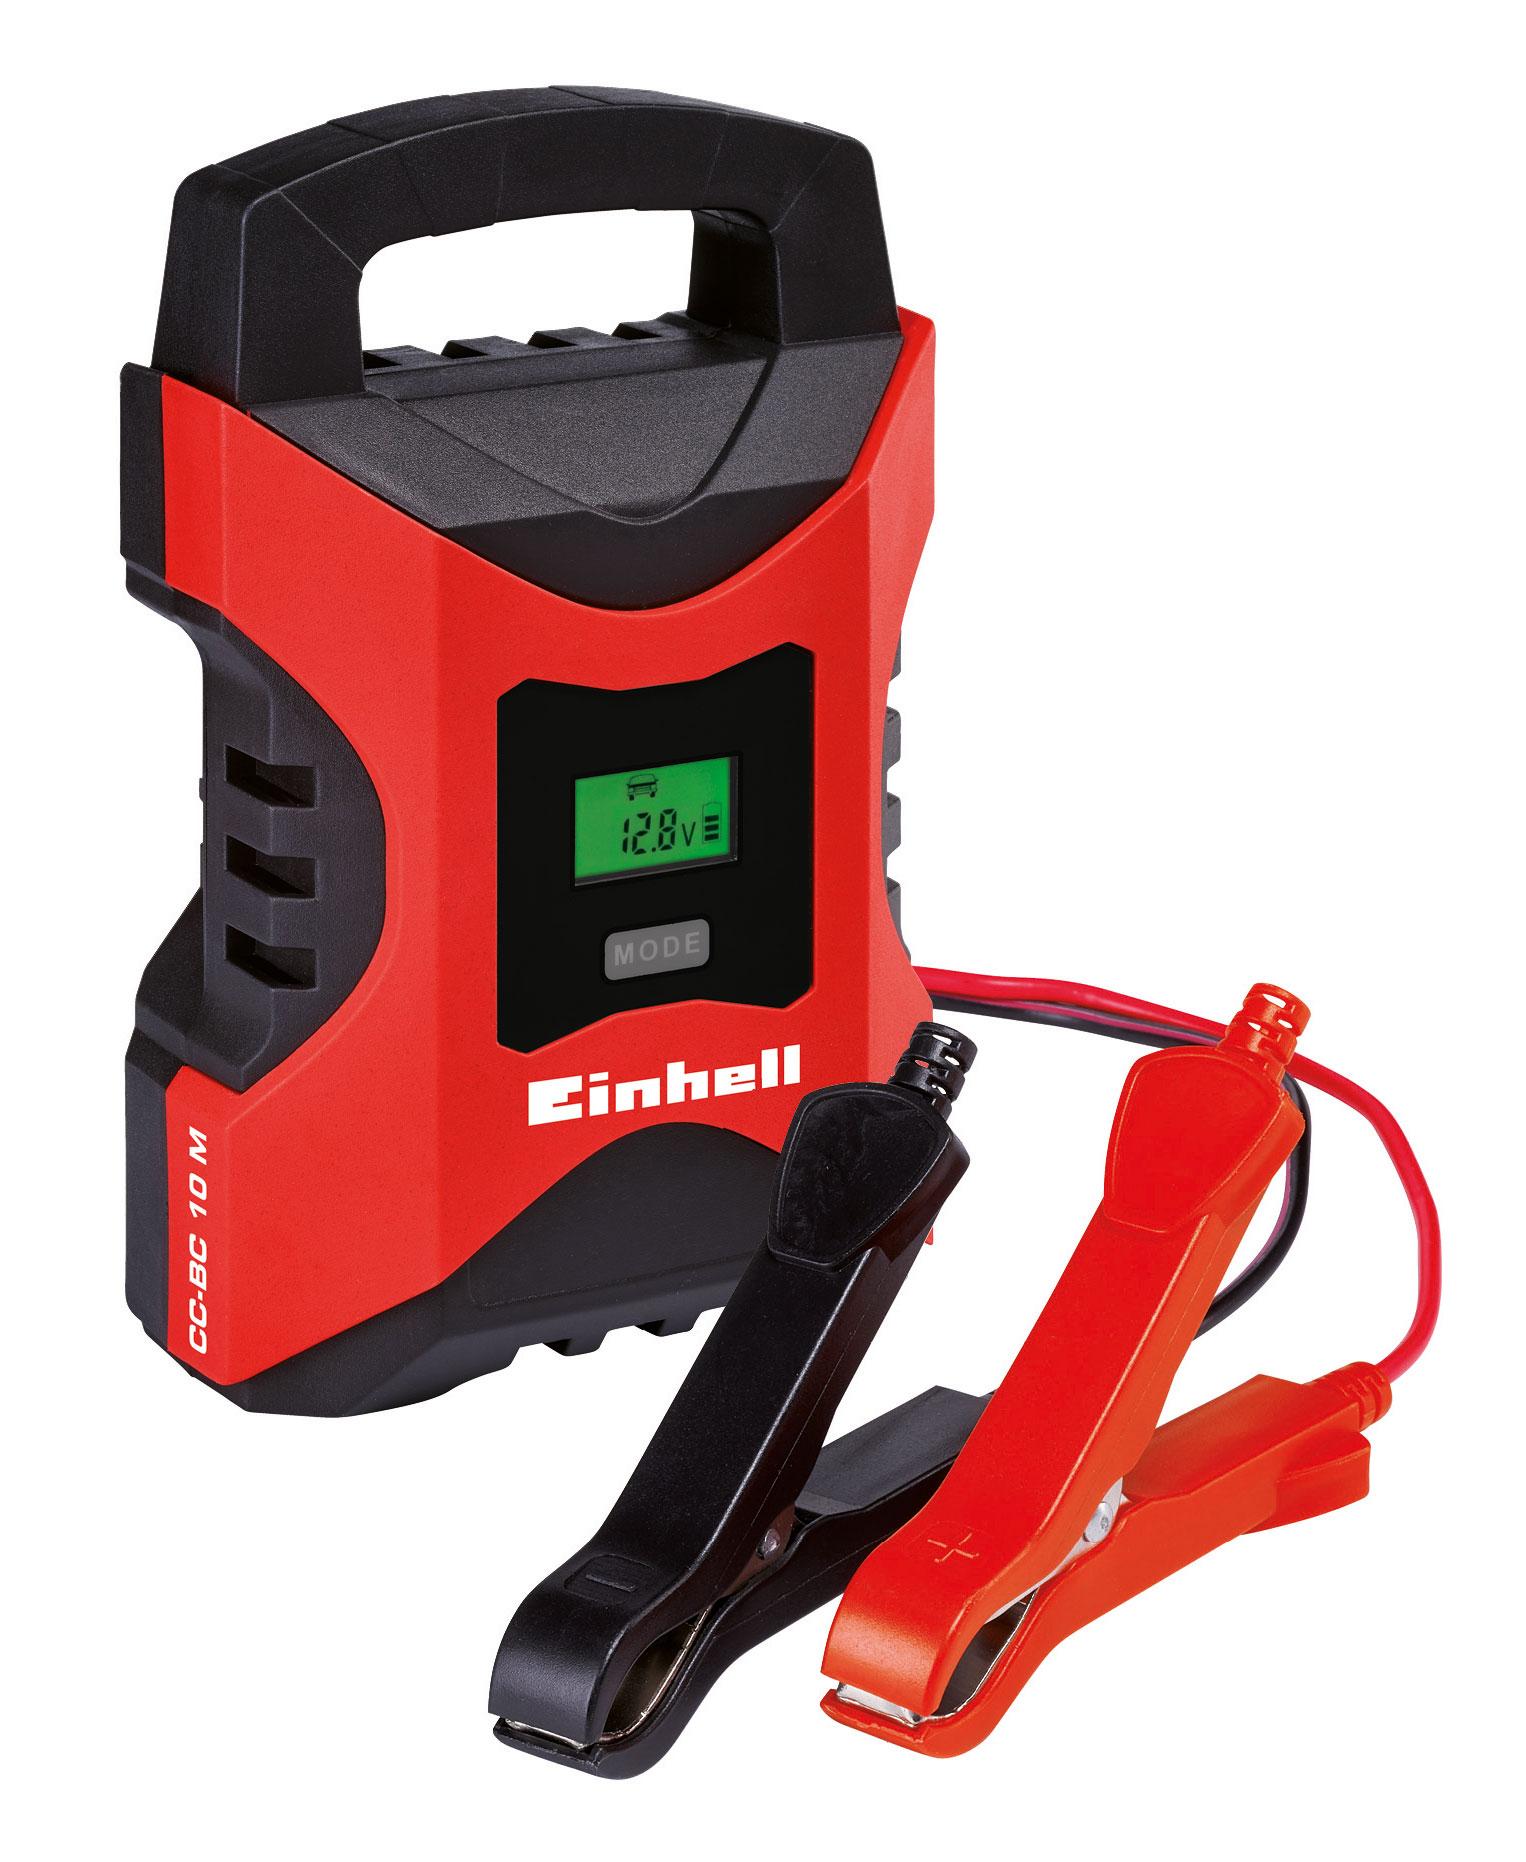 Batterieladegerät Einhell CC-BC 10 M 6 V/ 12V 3 - 200 Ah Bild 1